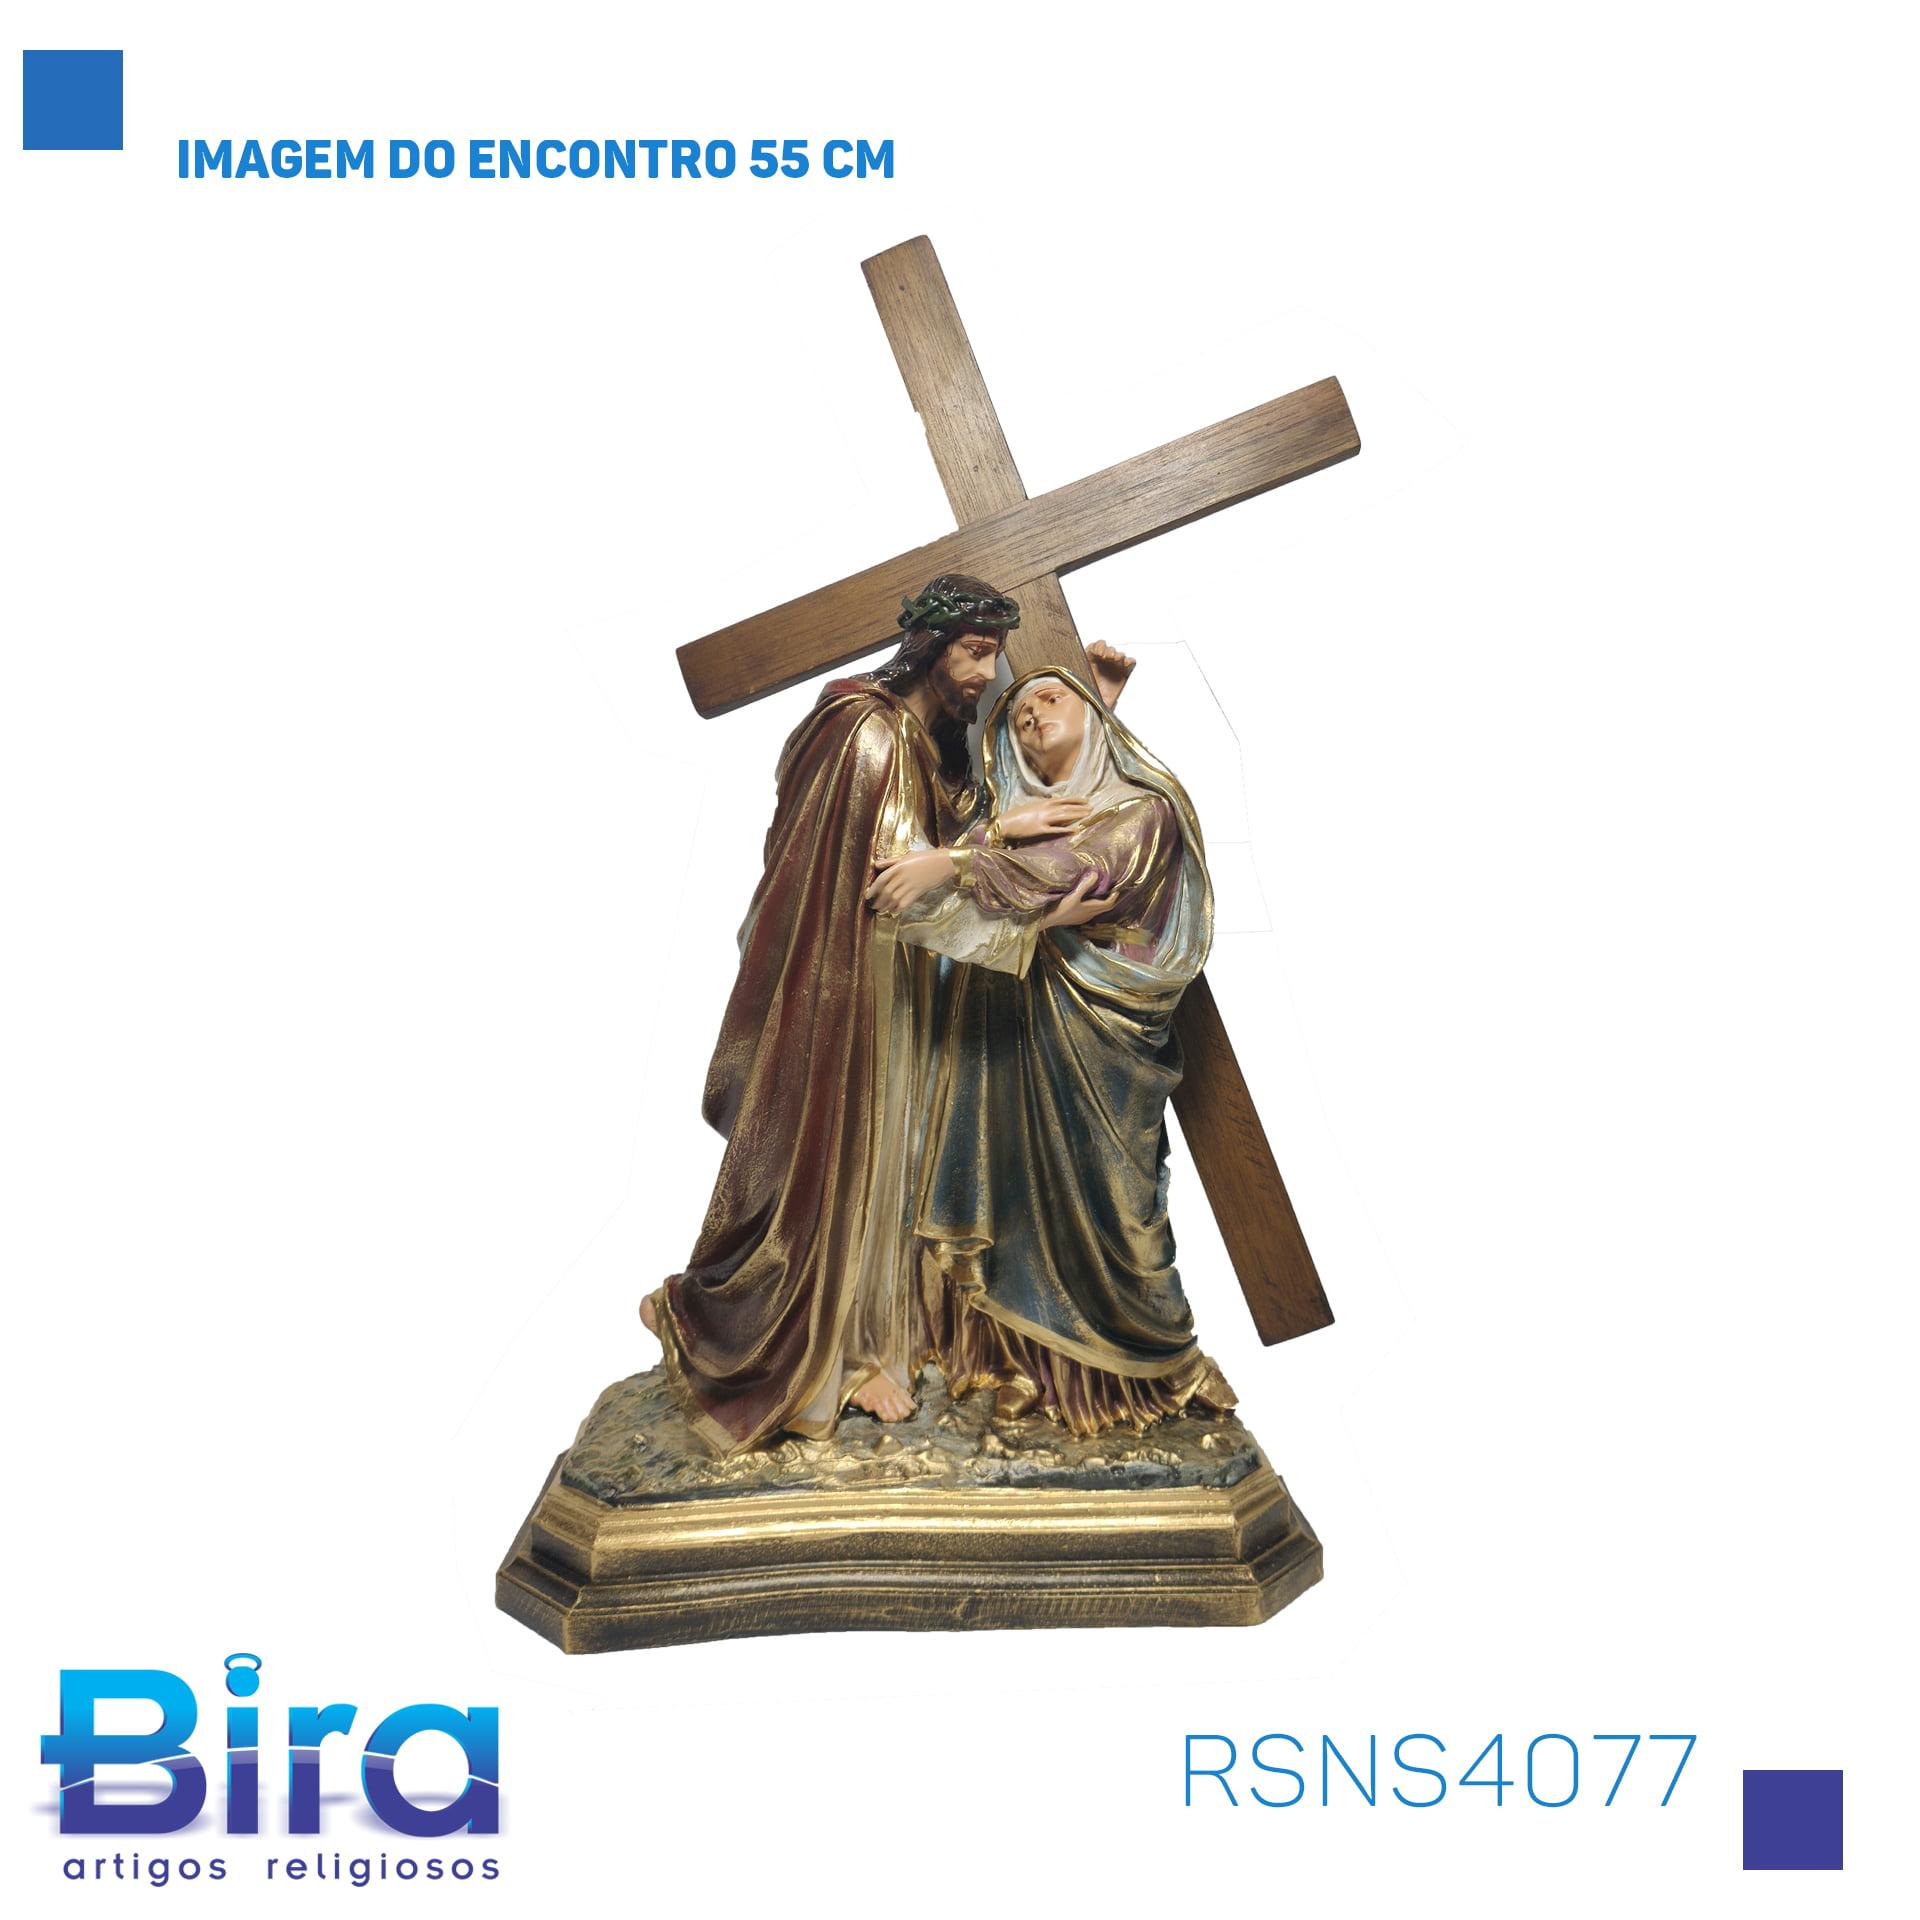 Bira Artigos Religiosos - IMAGEM DO ENCONTRO 55 CM Cód. RSNS4077